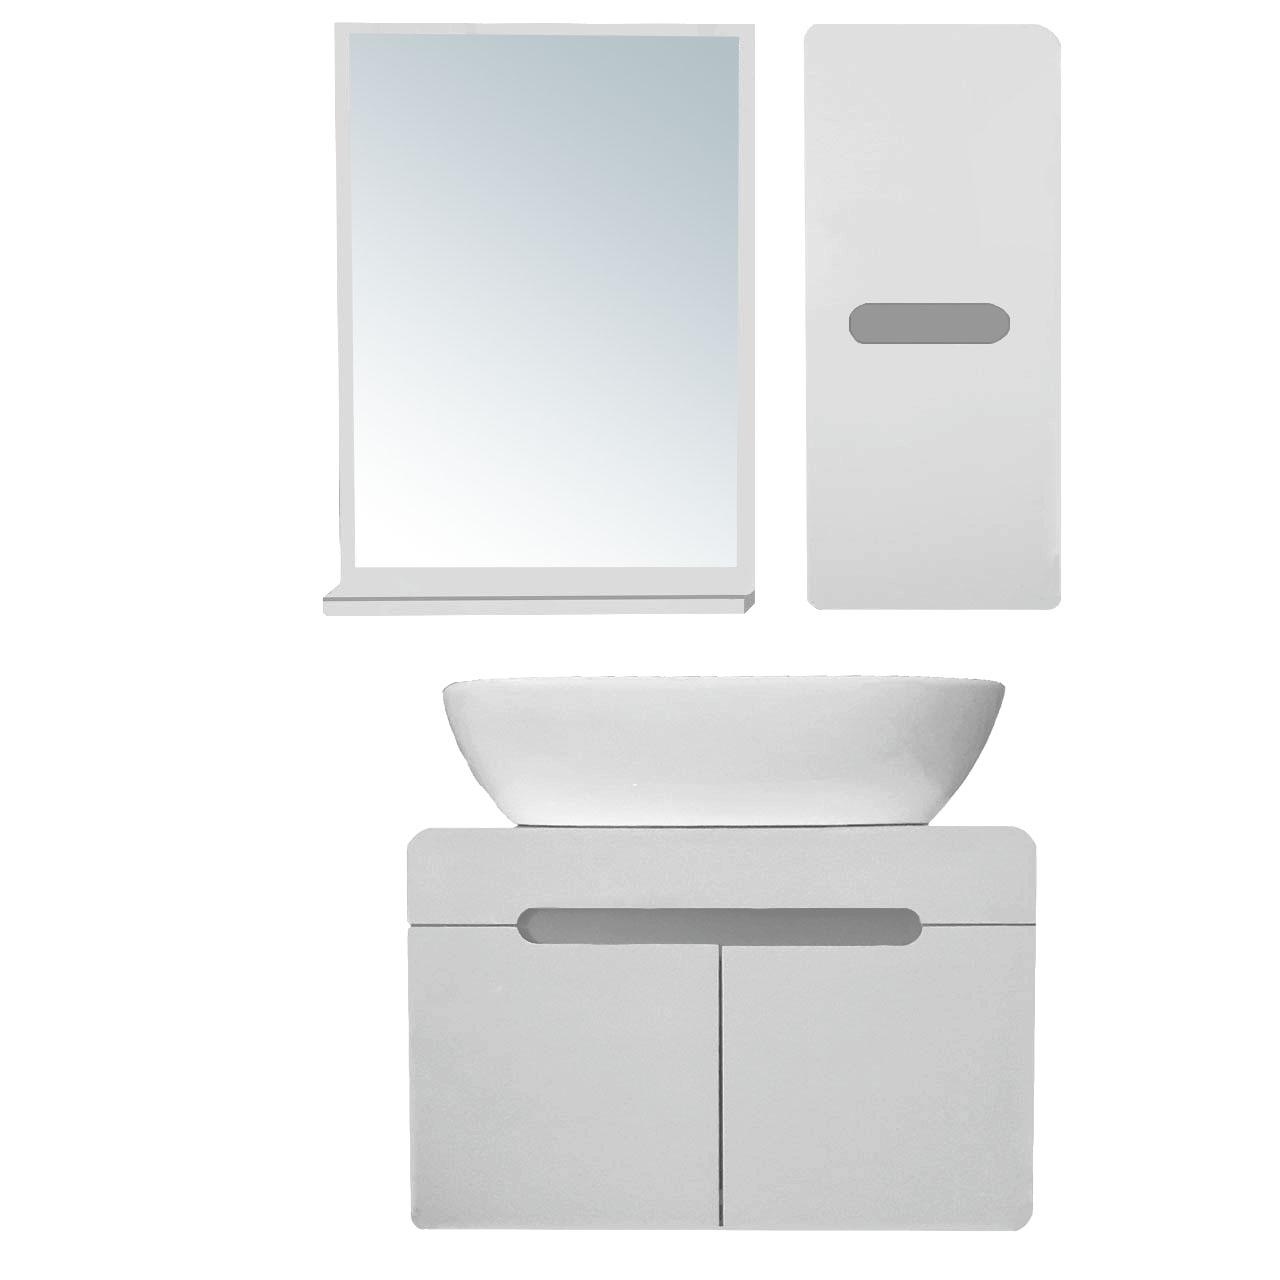 قیمت ست کابینت و روشویی مدل lu604005 به همراه آینه